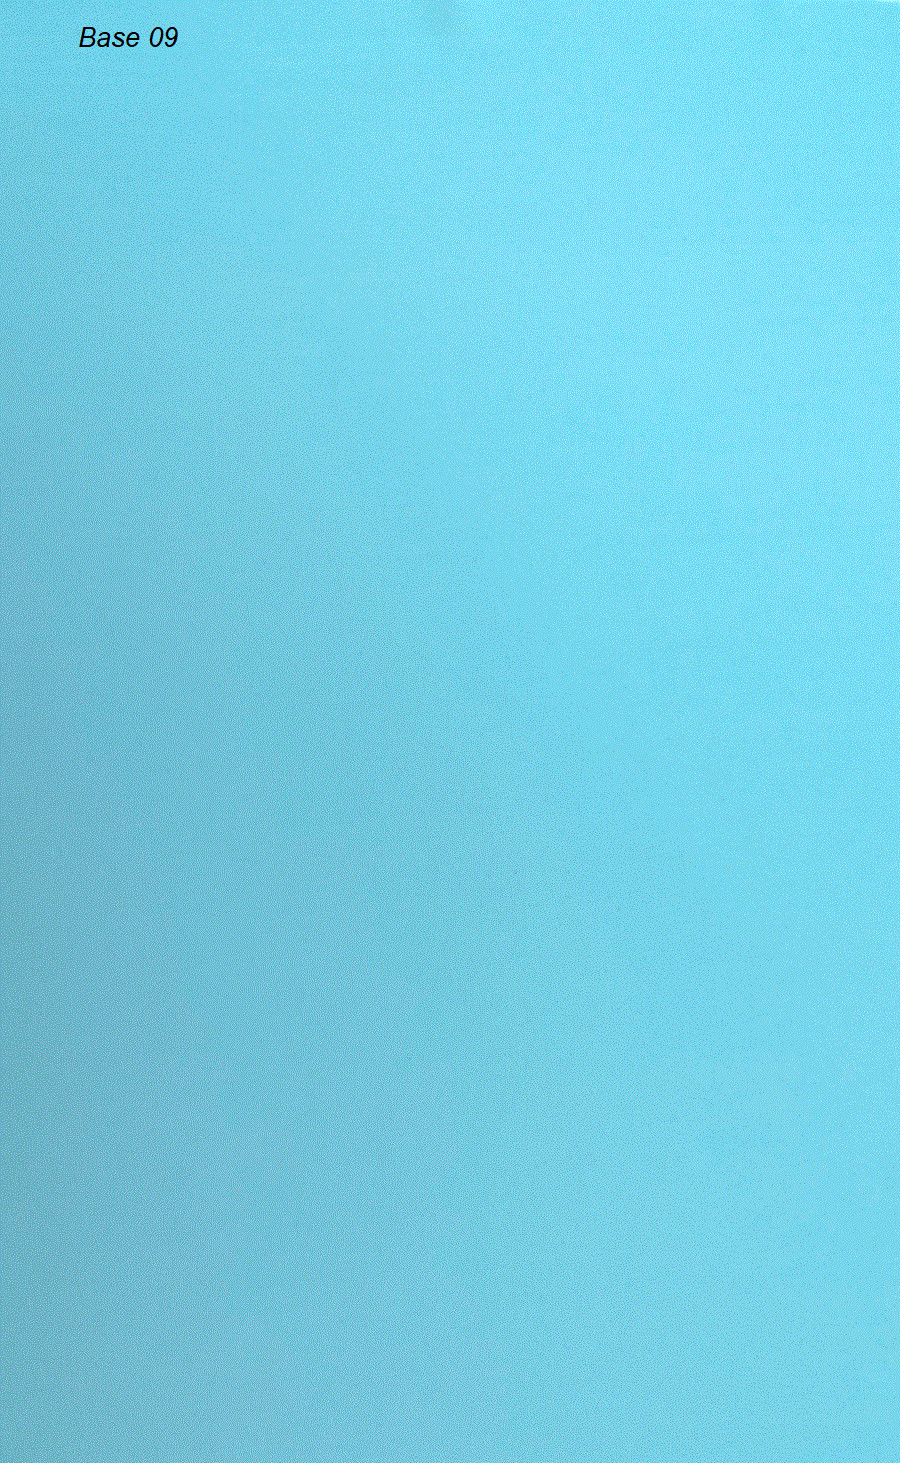 09 Azul